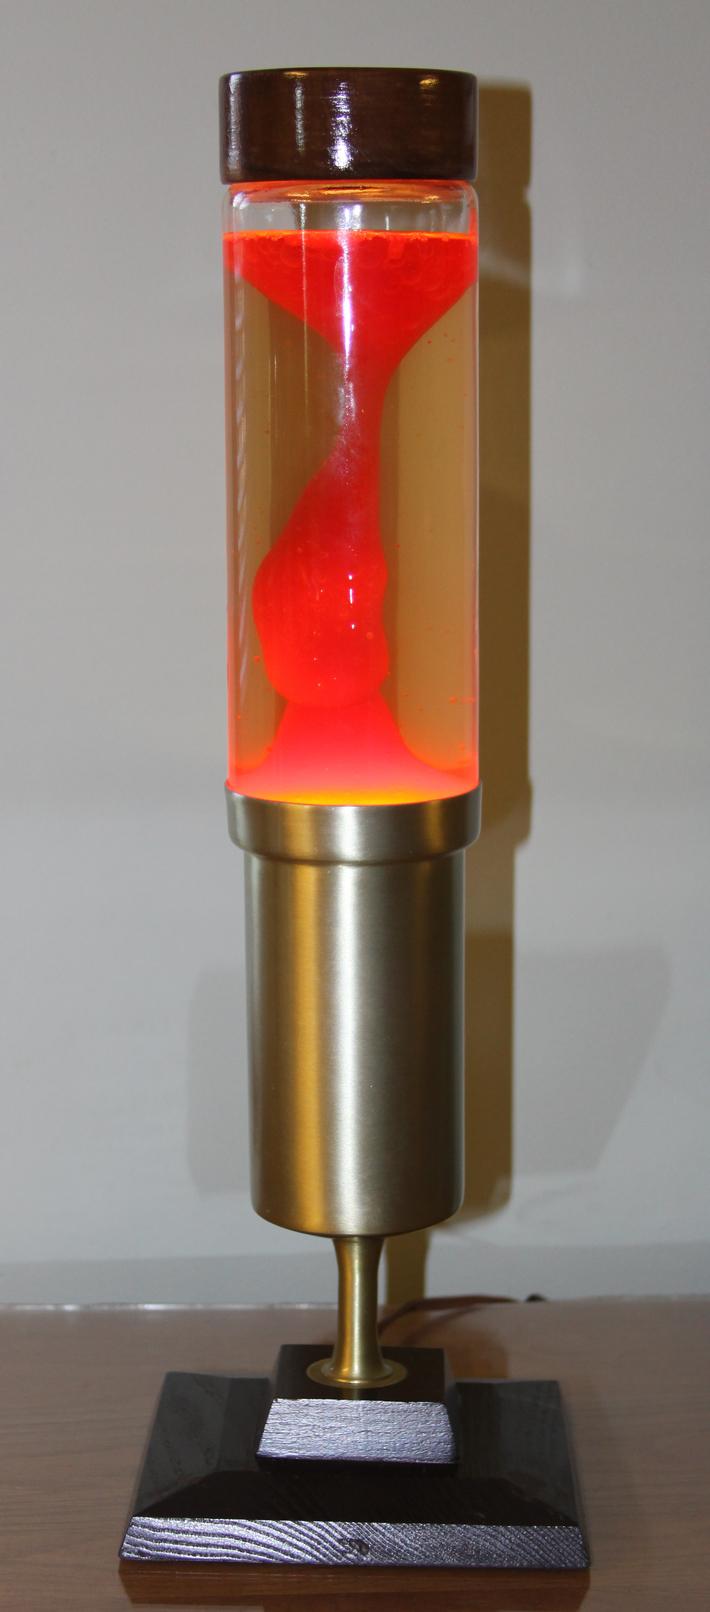 Regency Model 4202